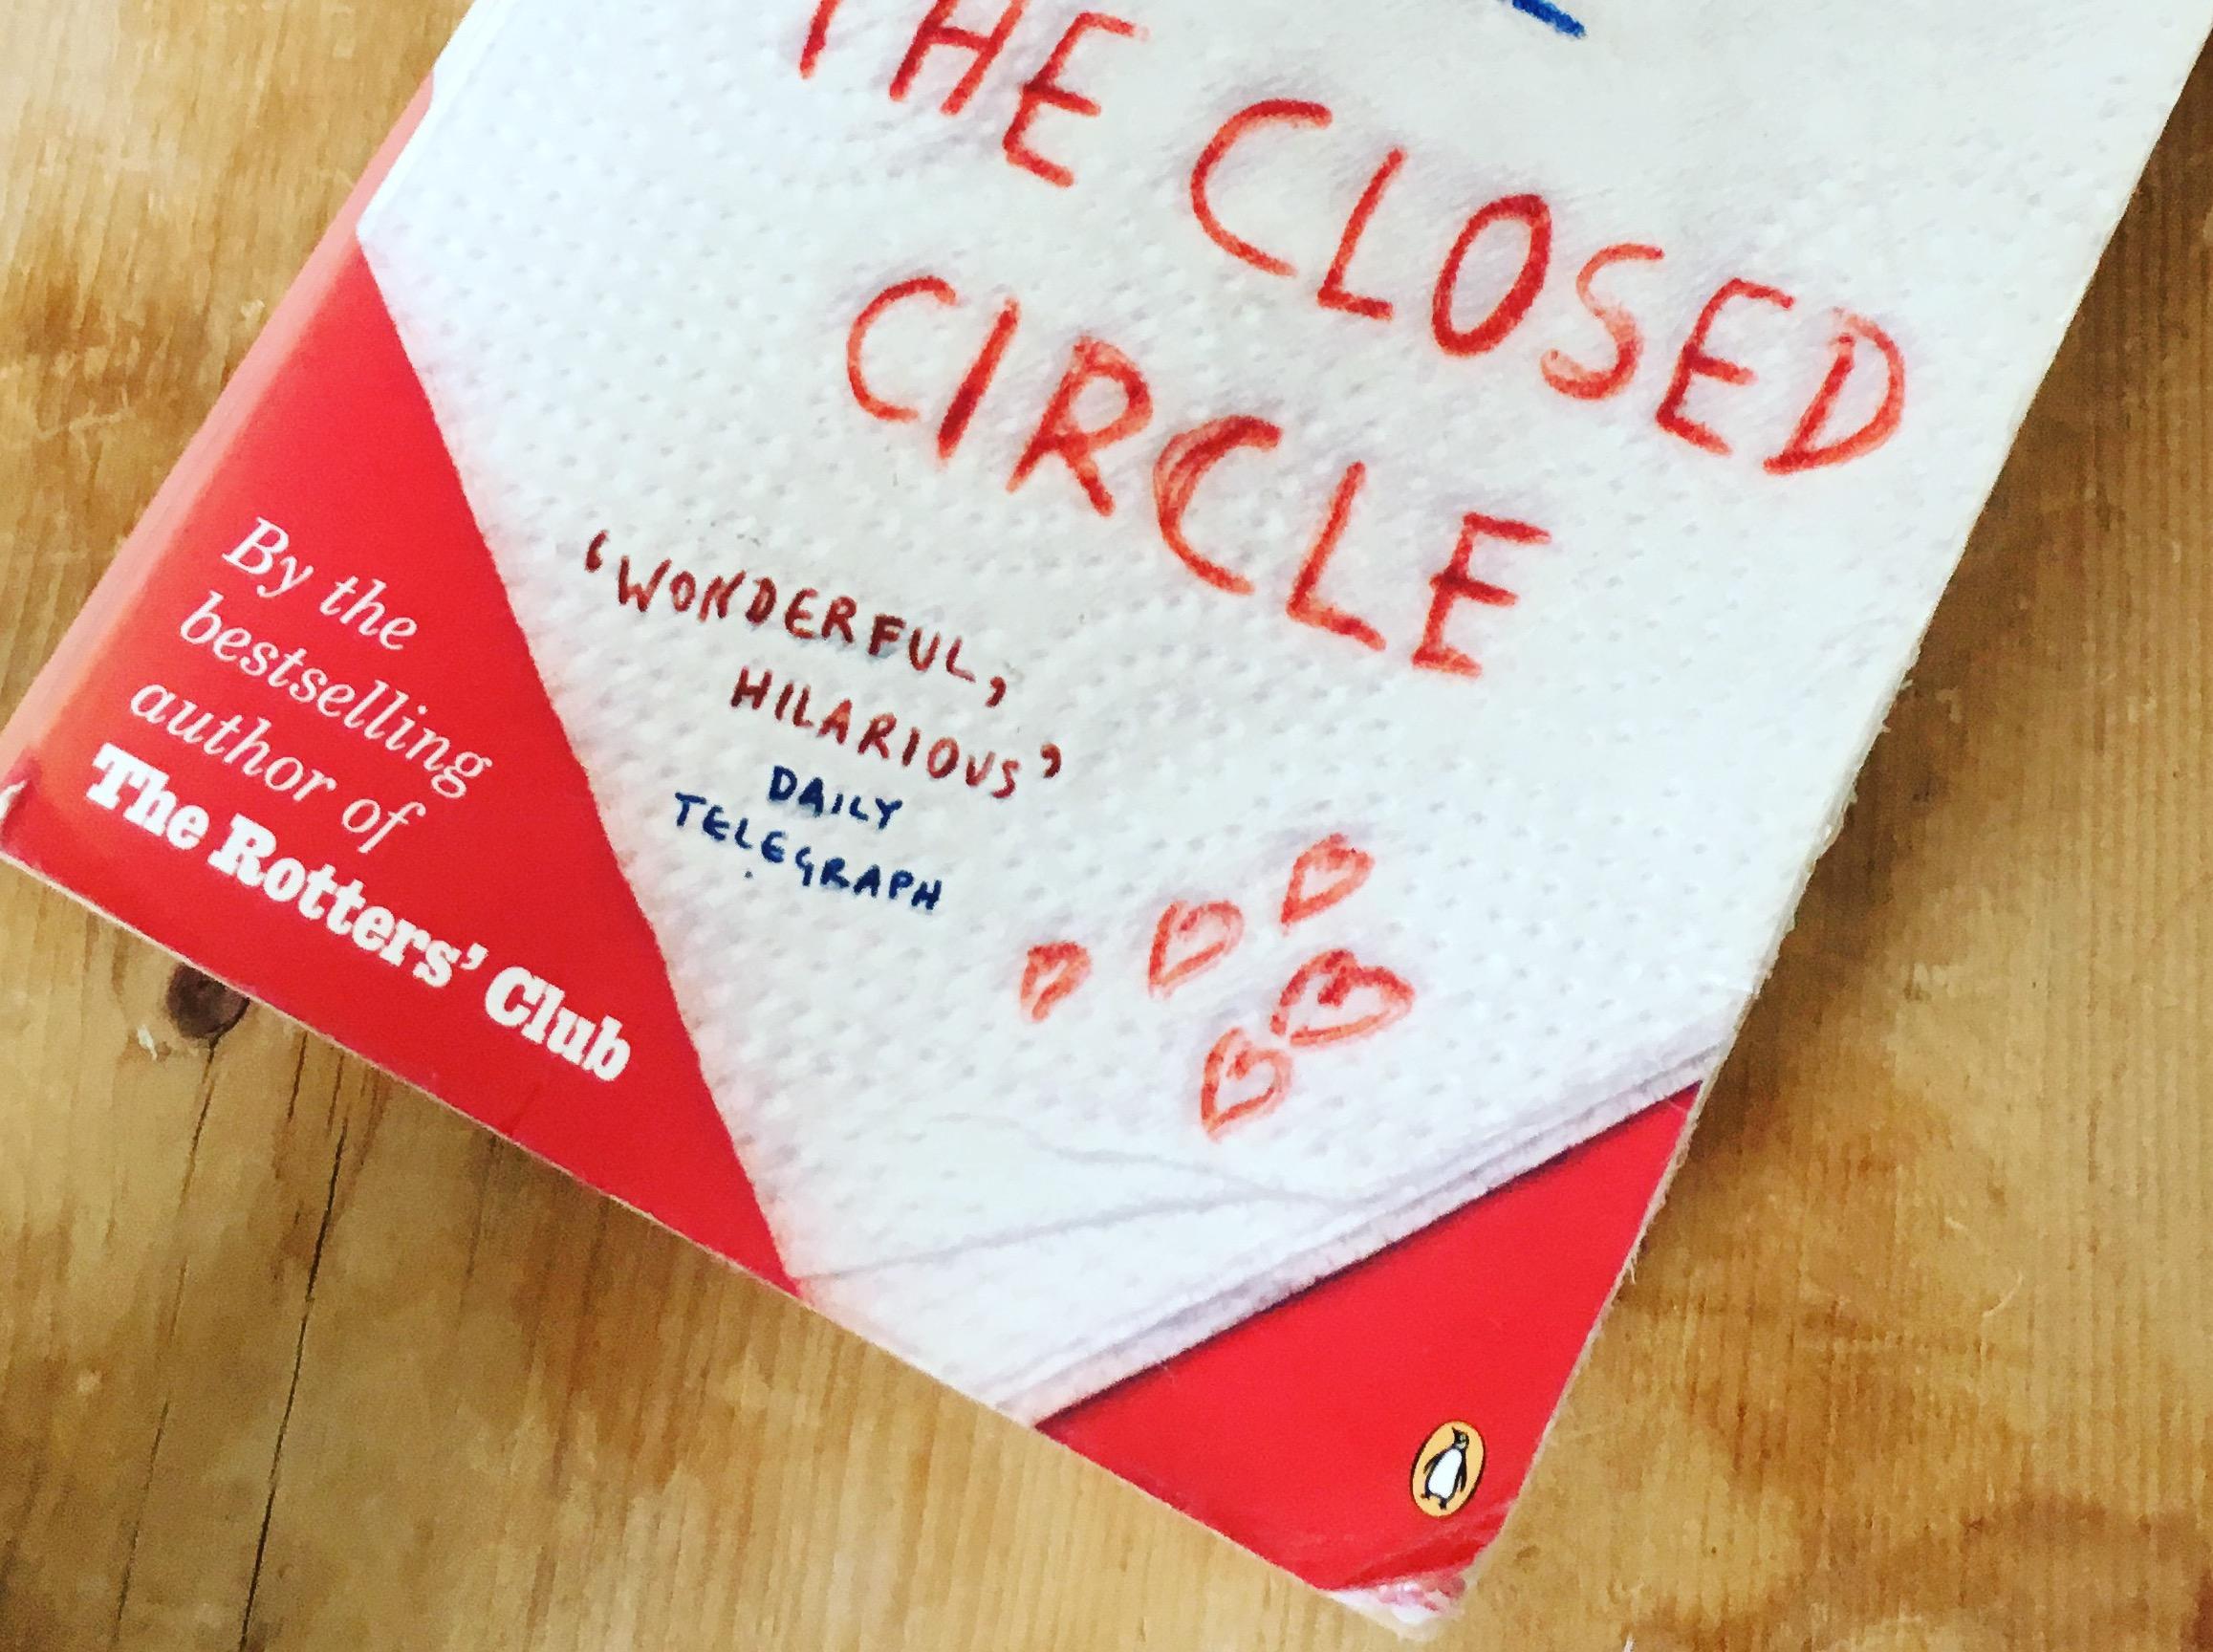 ClosedCircleEdit.jpg